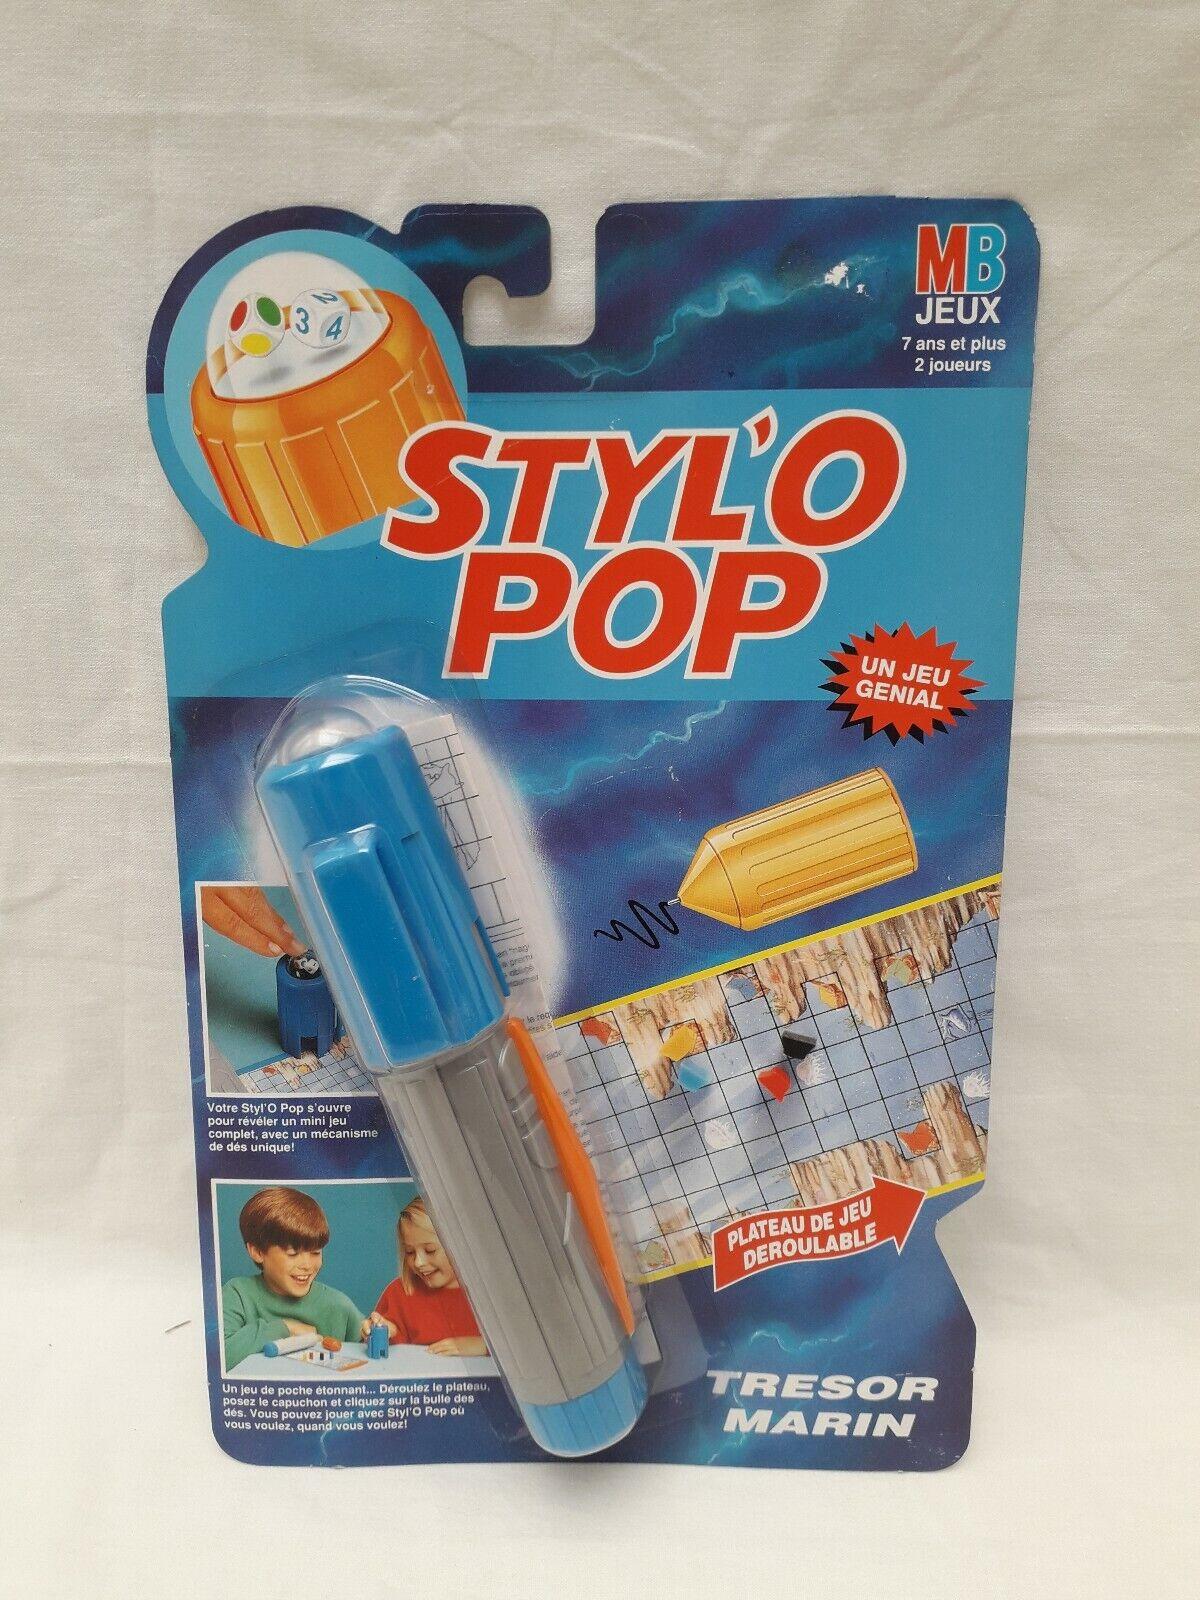 Styl'O Pop Trésor Marin MB jeux Neuf sous blister Vintage 1992 Stylo no Astujeux